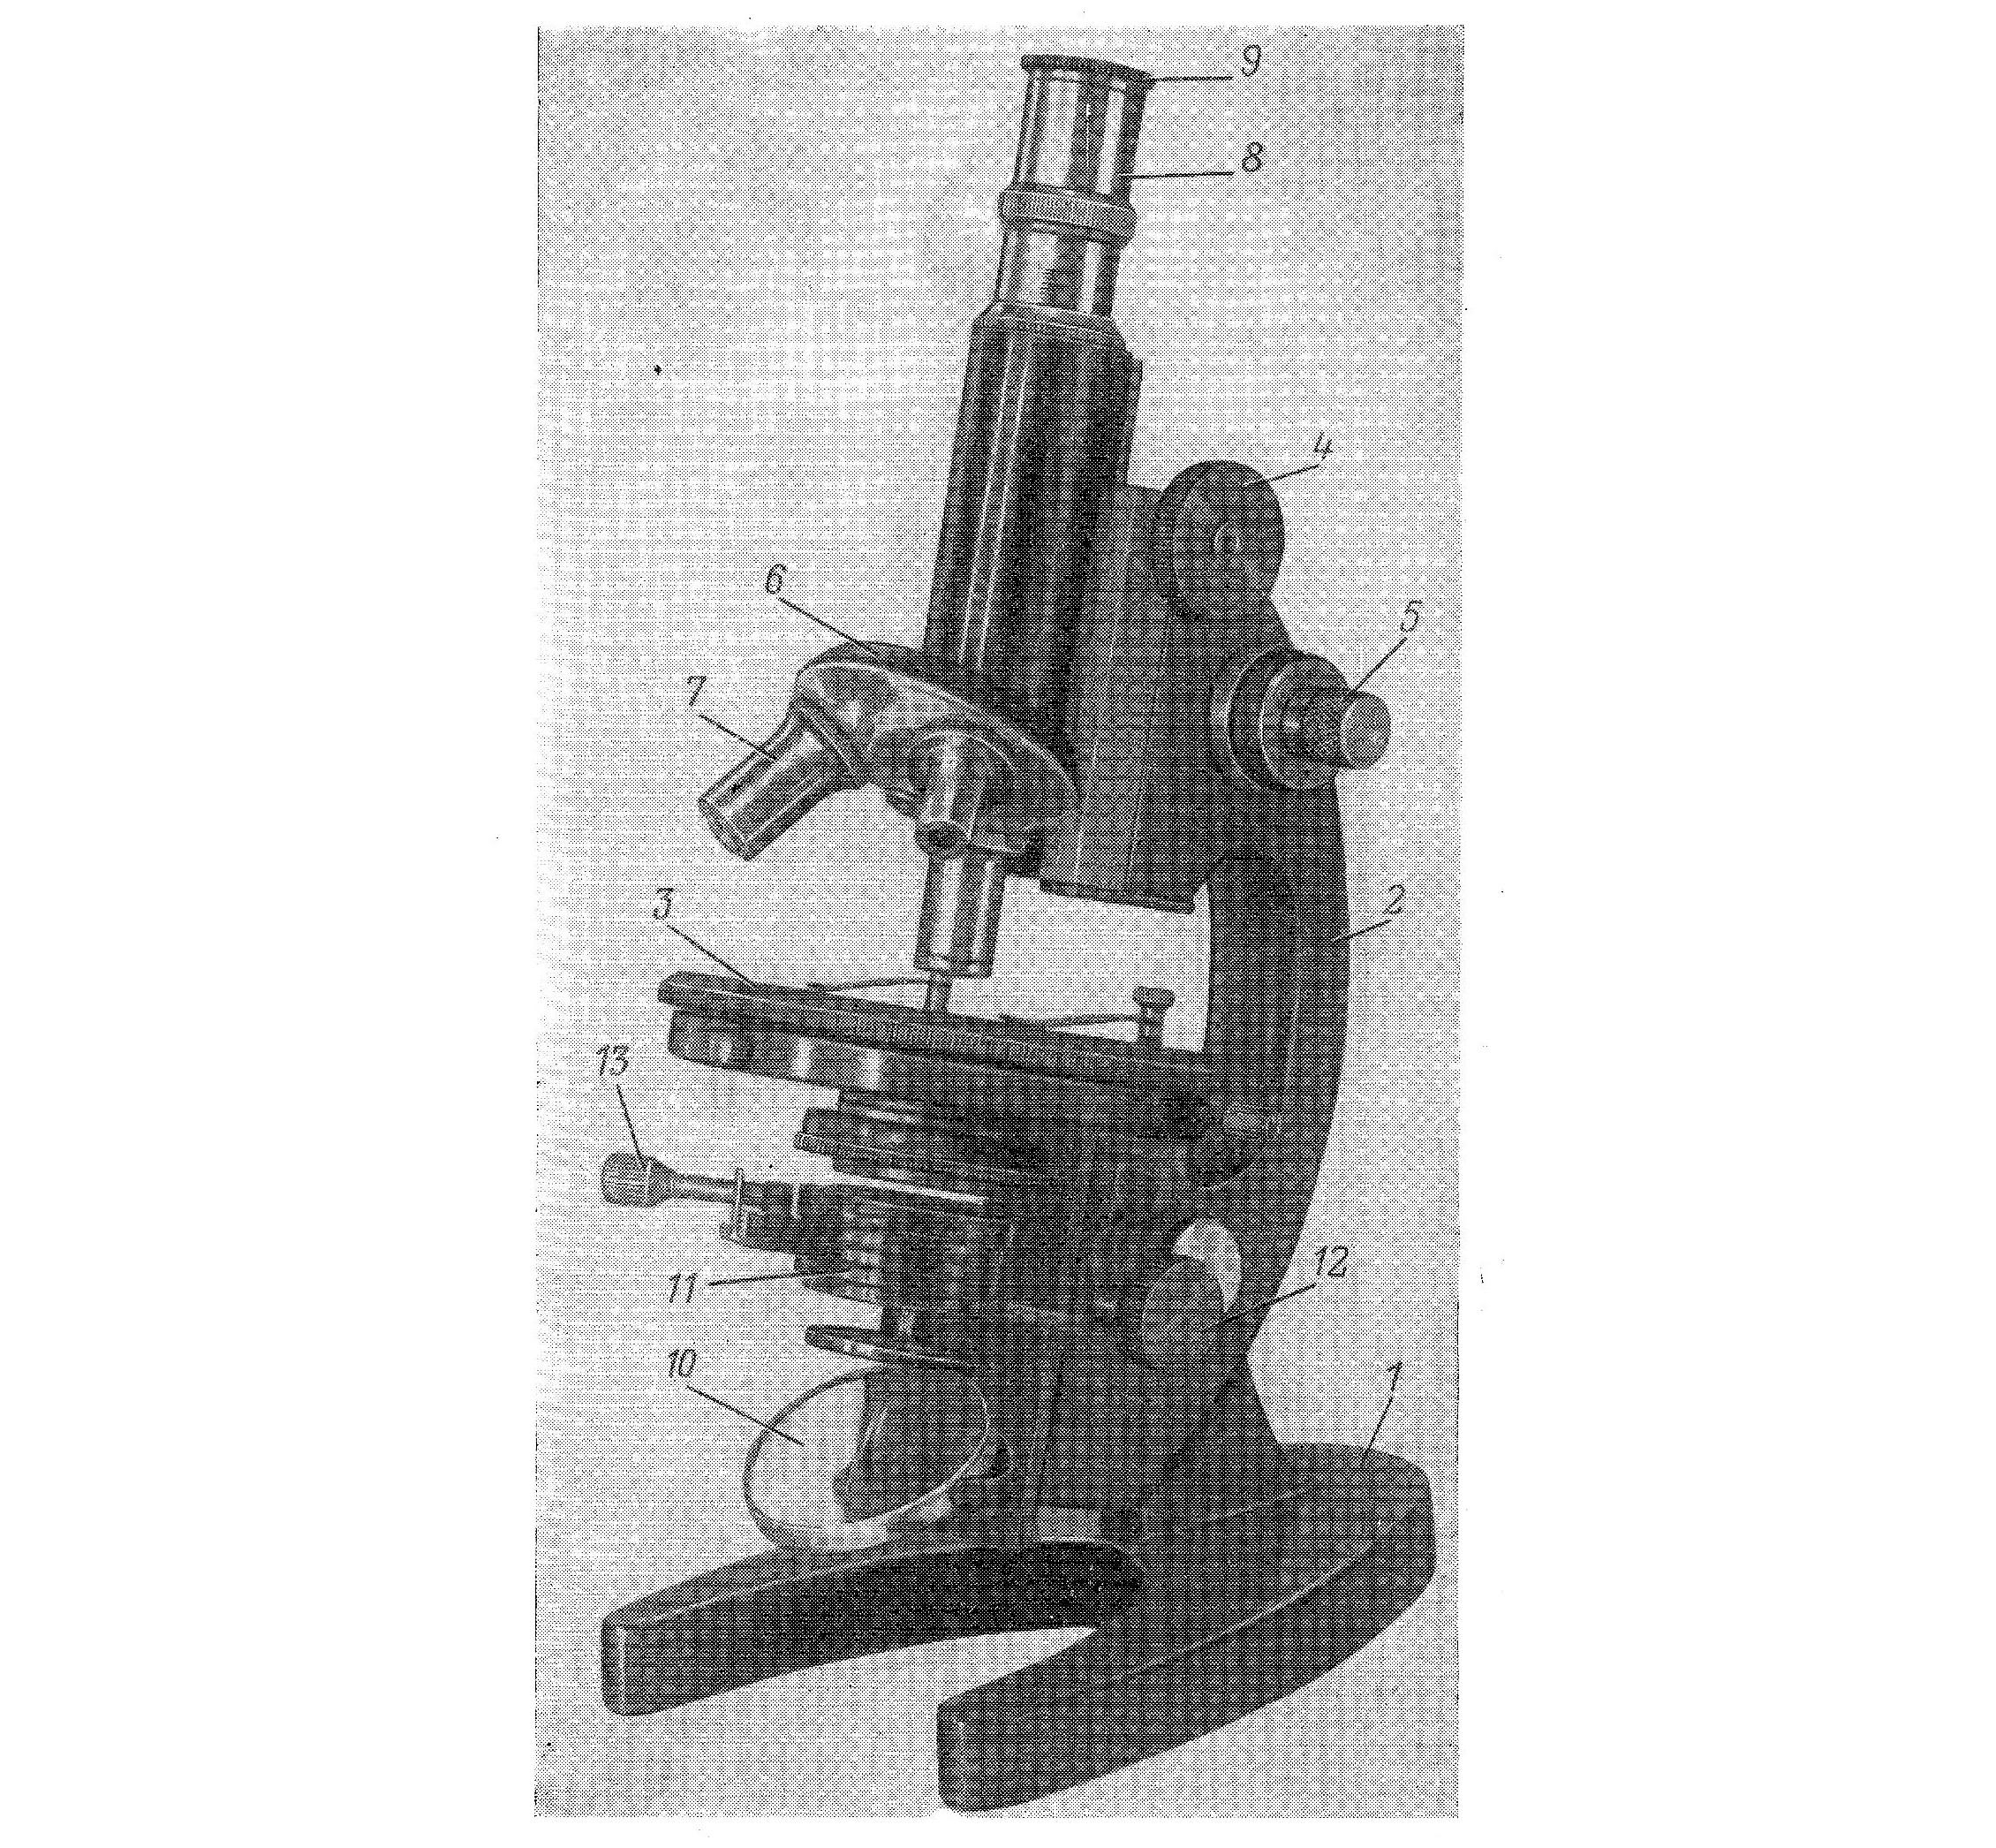 микроскоп биологический лабораторный м-11